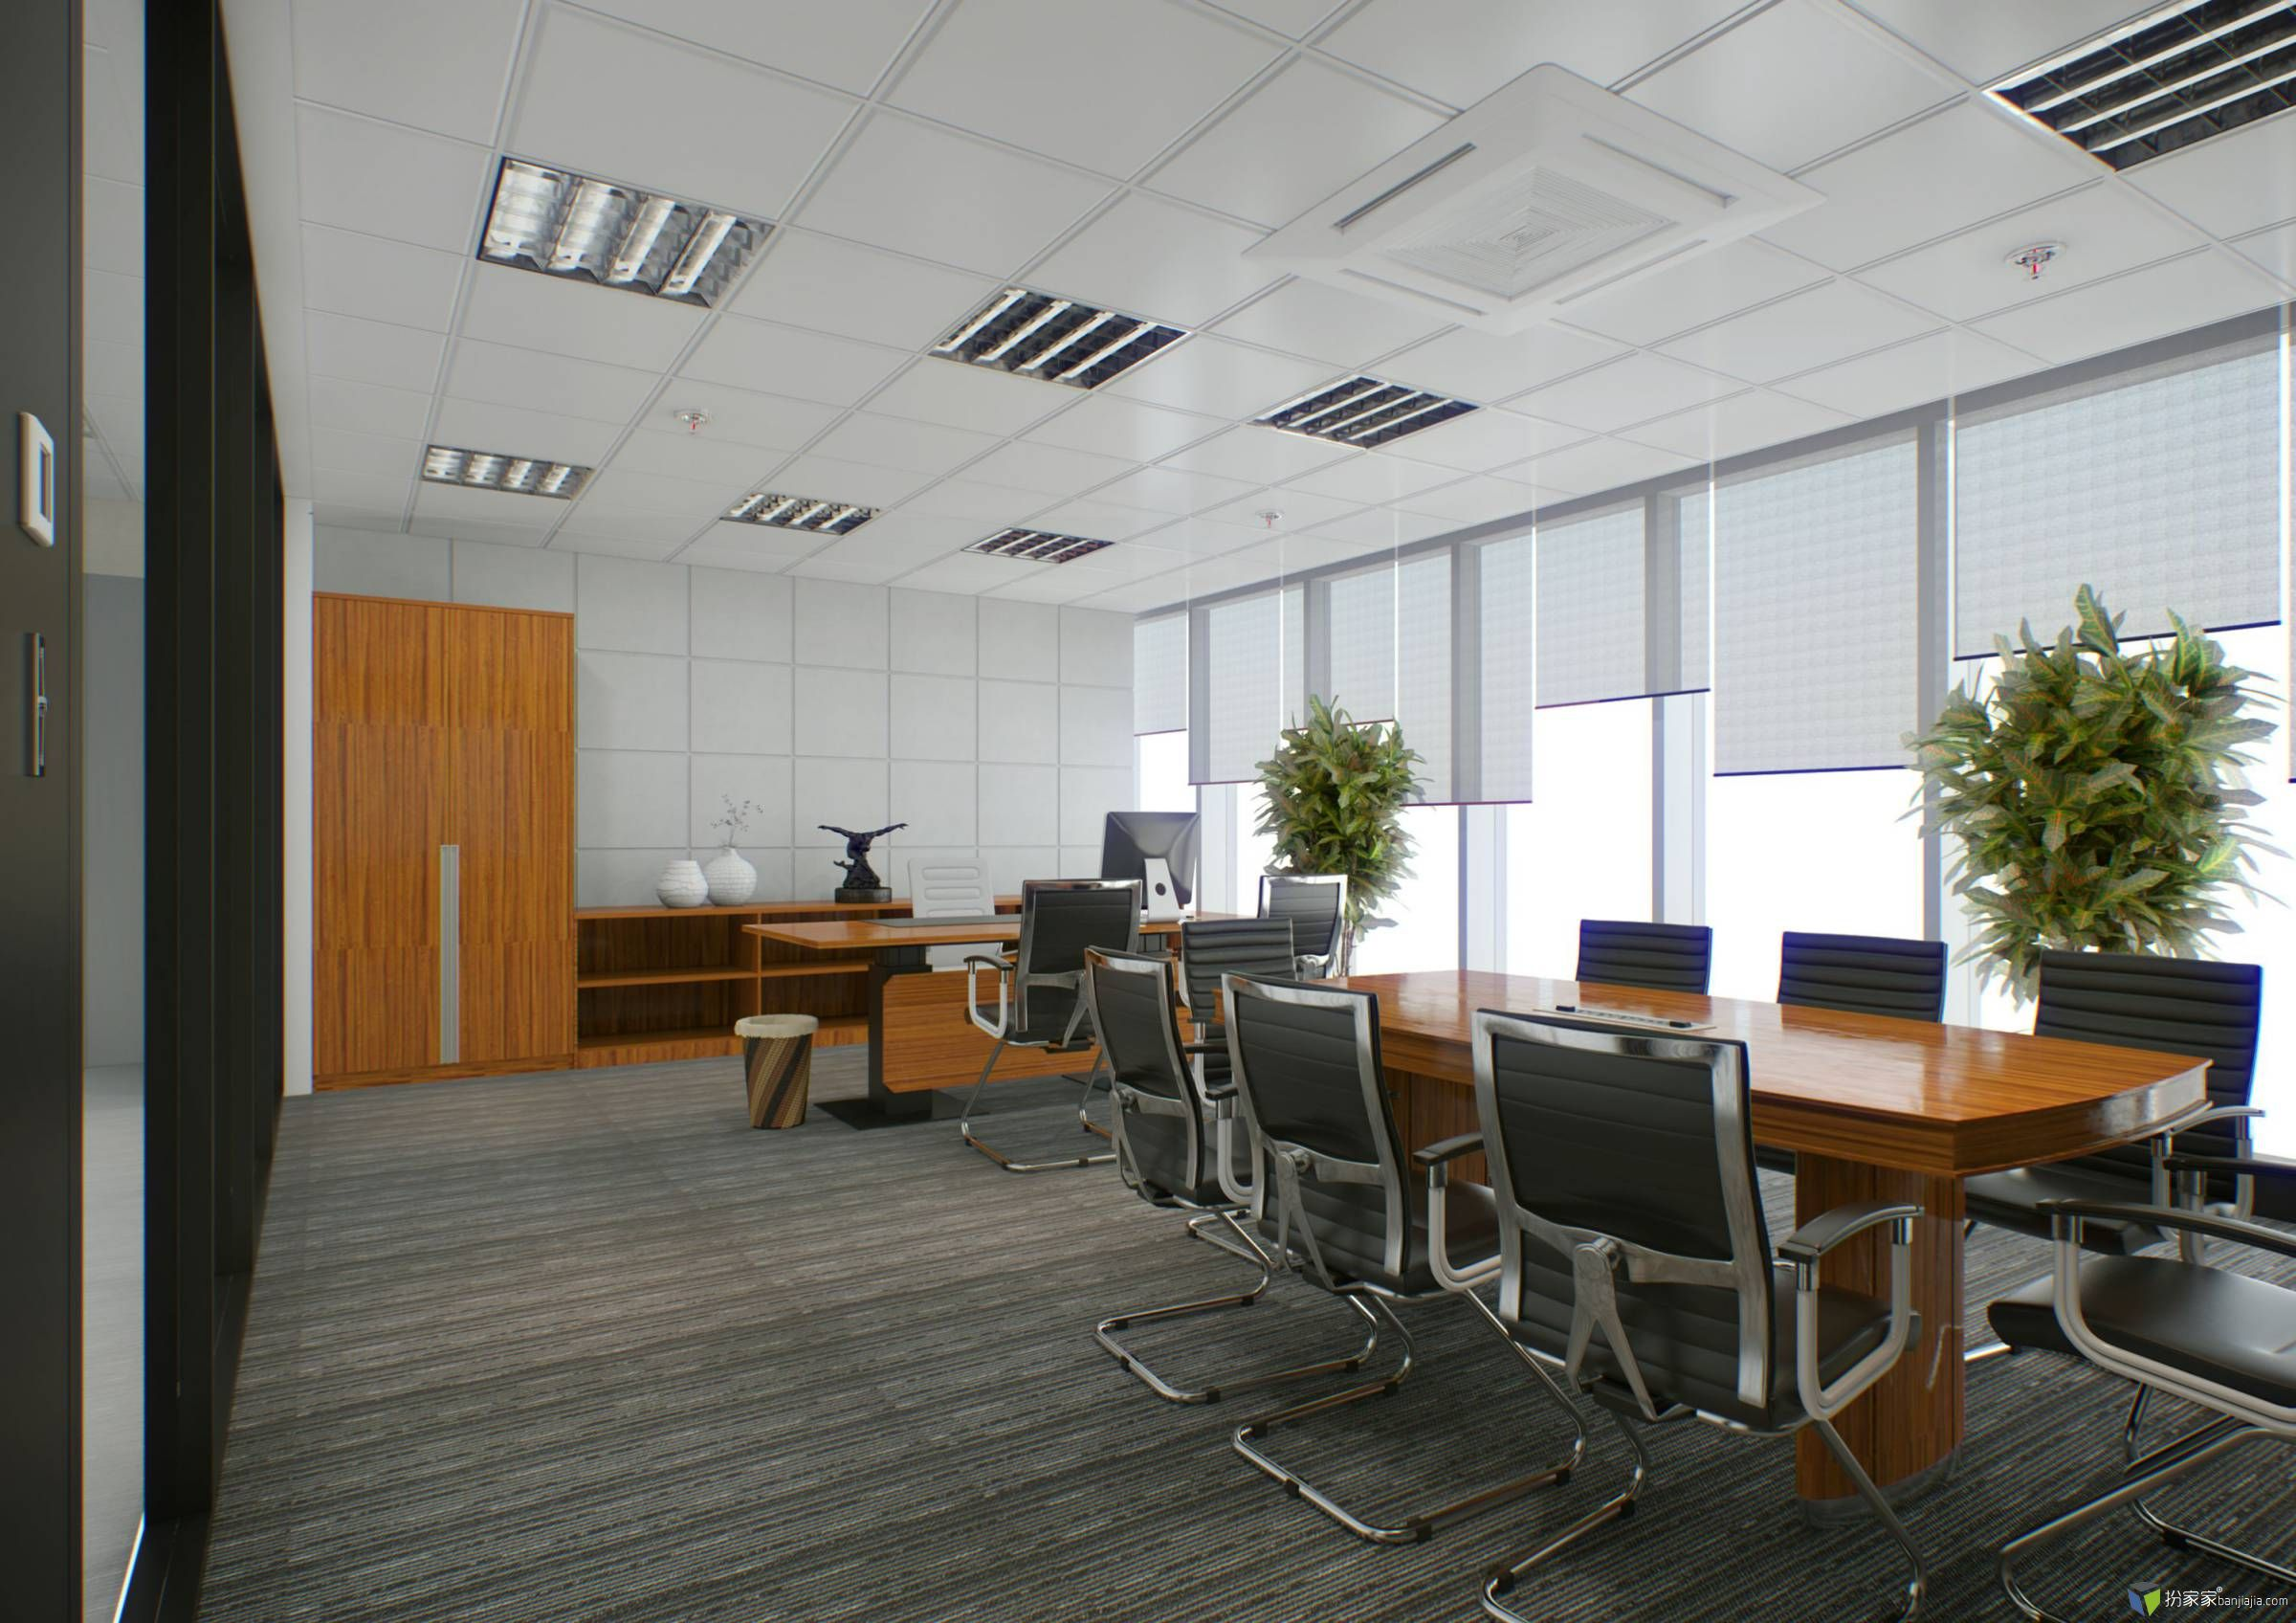 平安办公室装修-室内设计师平台 -室内设计论坛-扮家